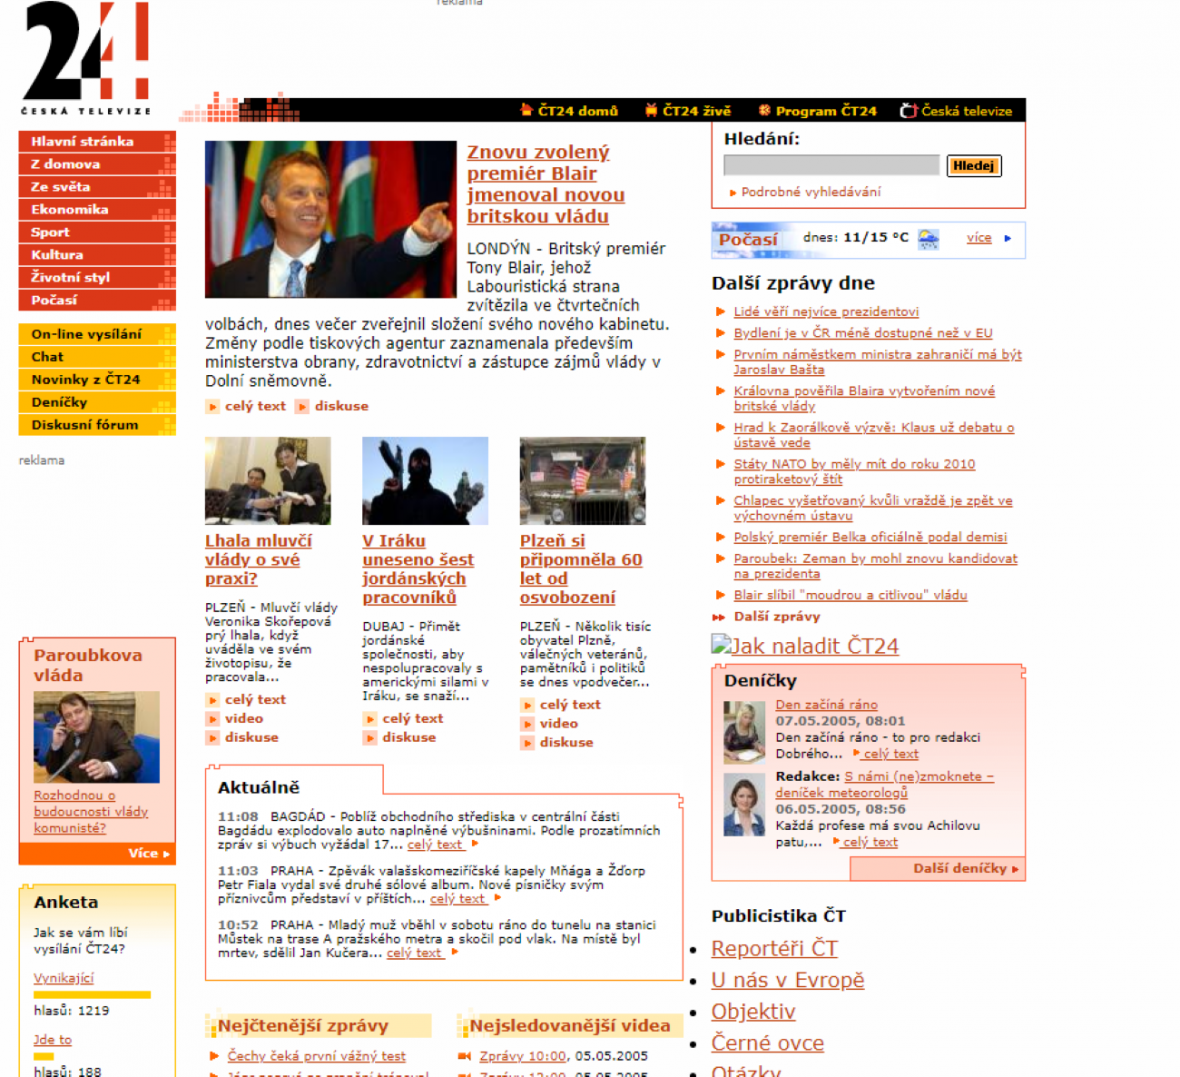 Web ČT24 v roce 2005